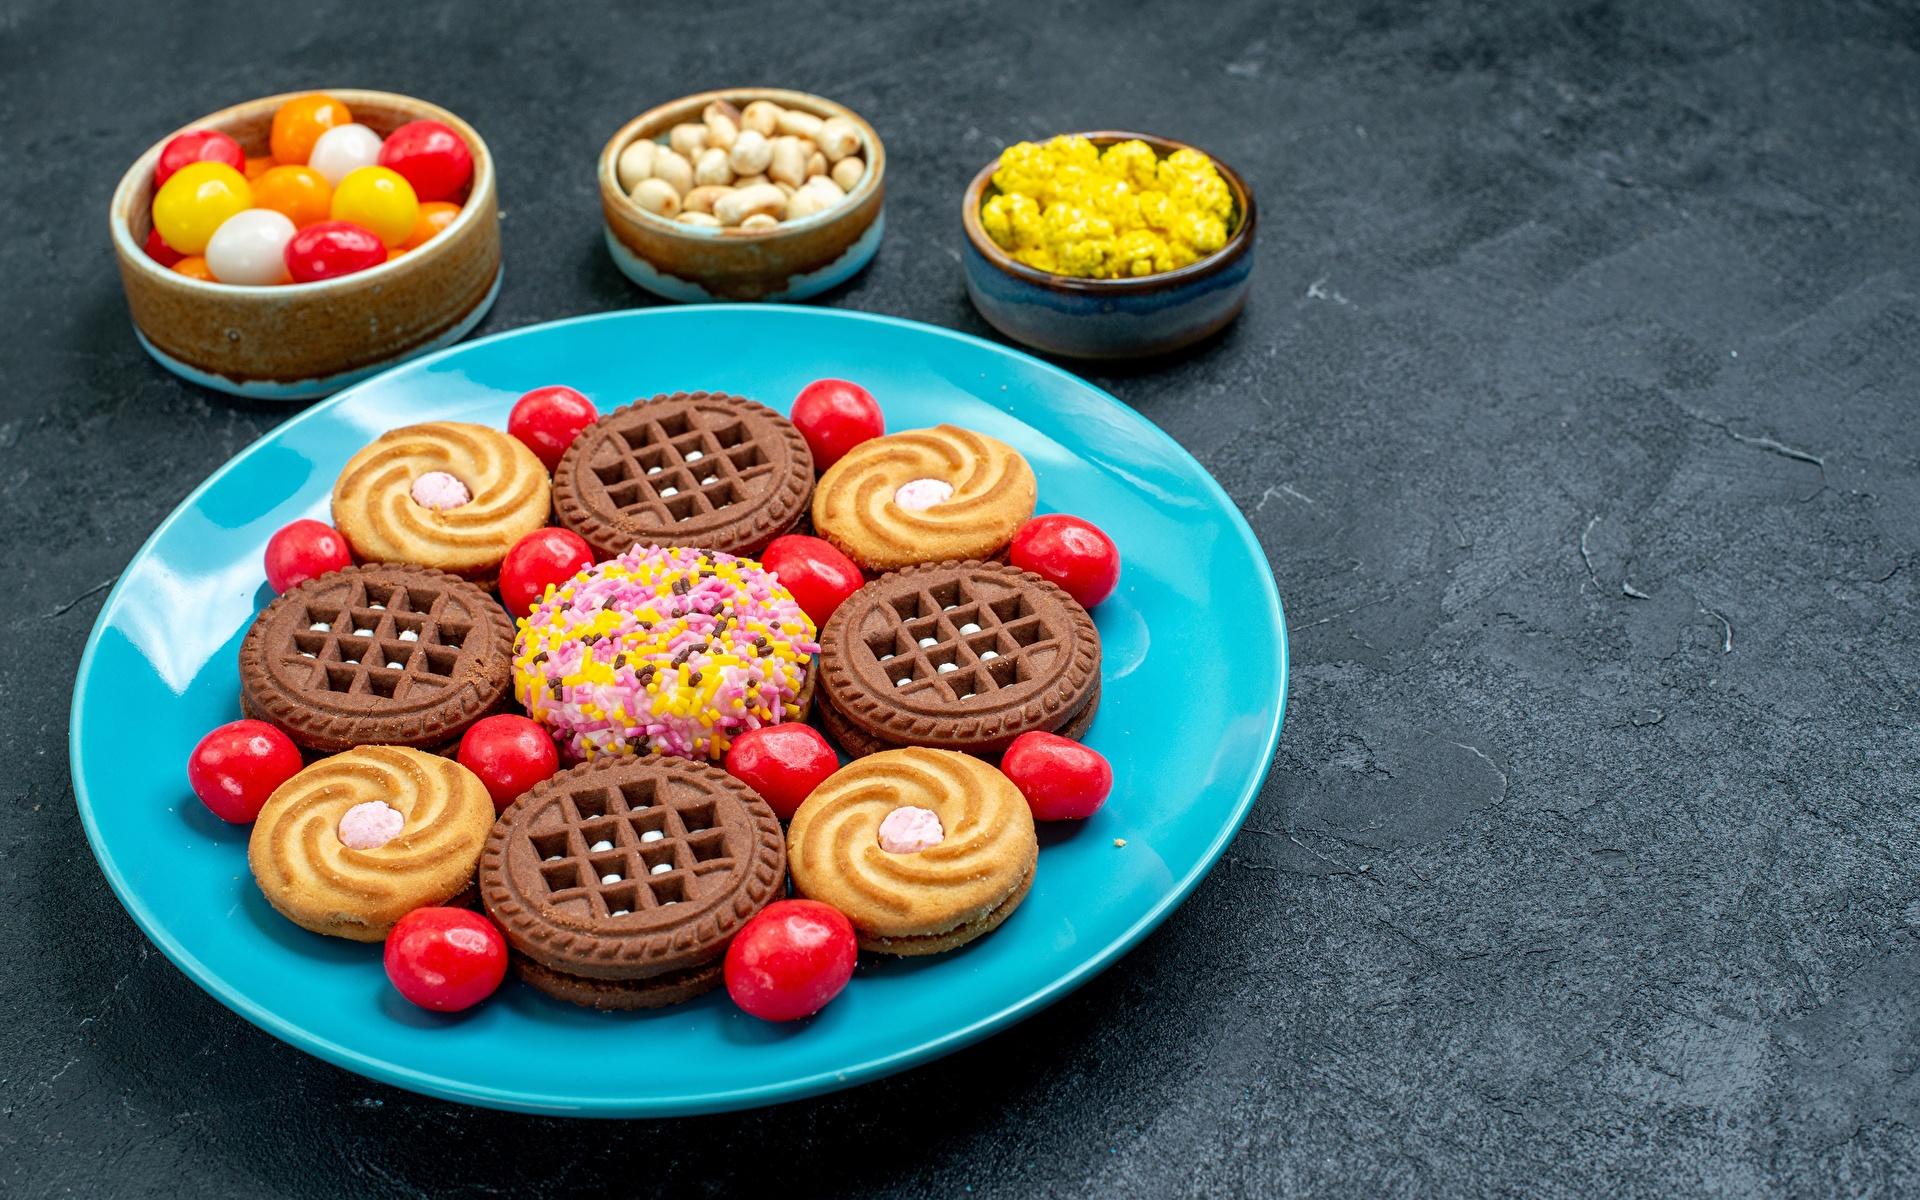 Обои для рабочего стола Конфеты Еда Печенье Тарелка Сладости 1920x1200 Пища тарелке Продукты питания сладкая еда